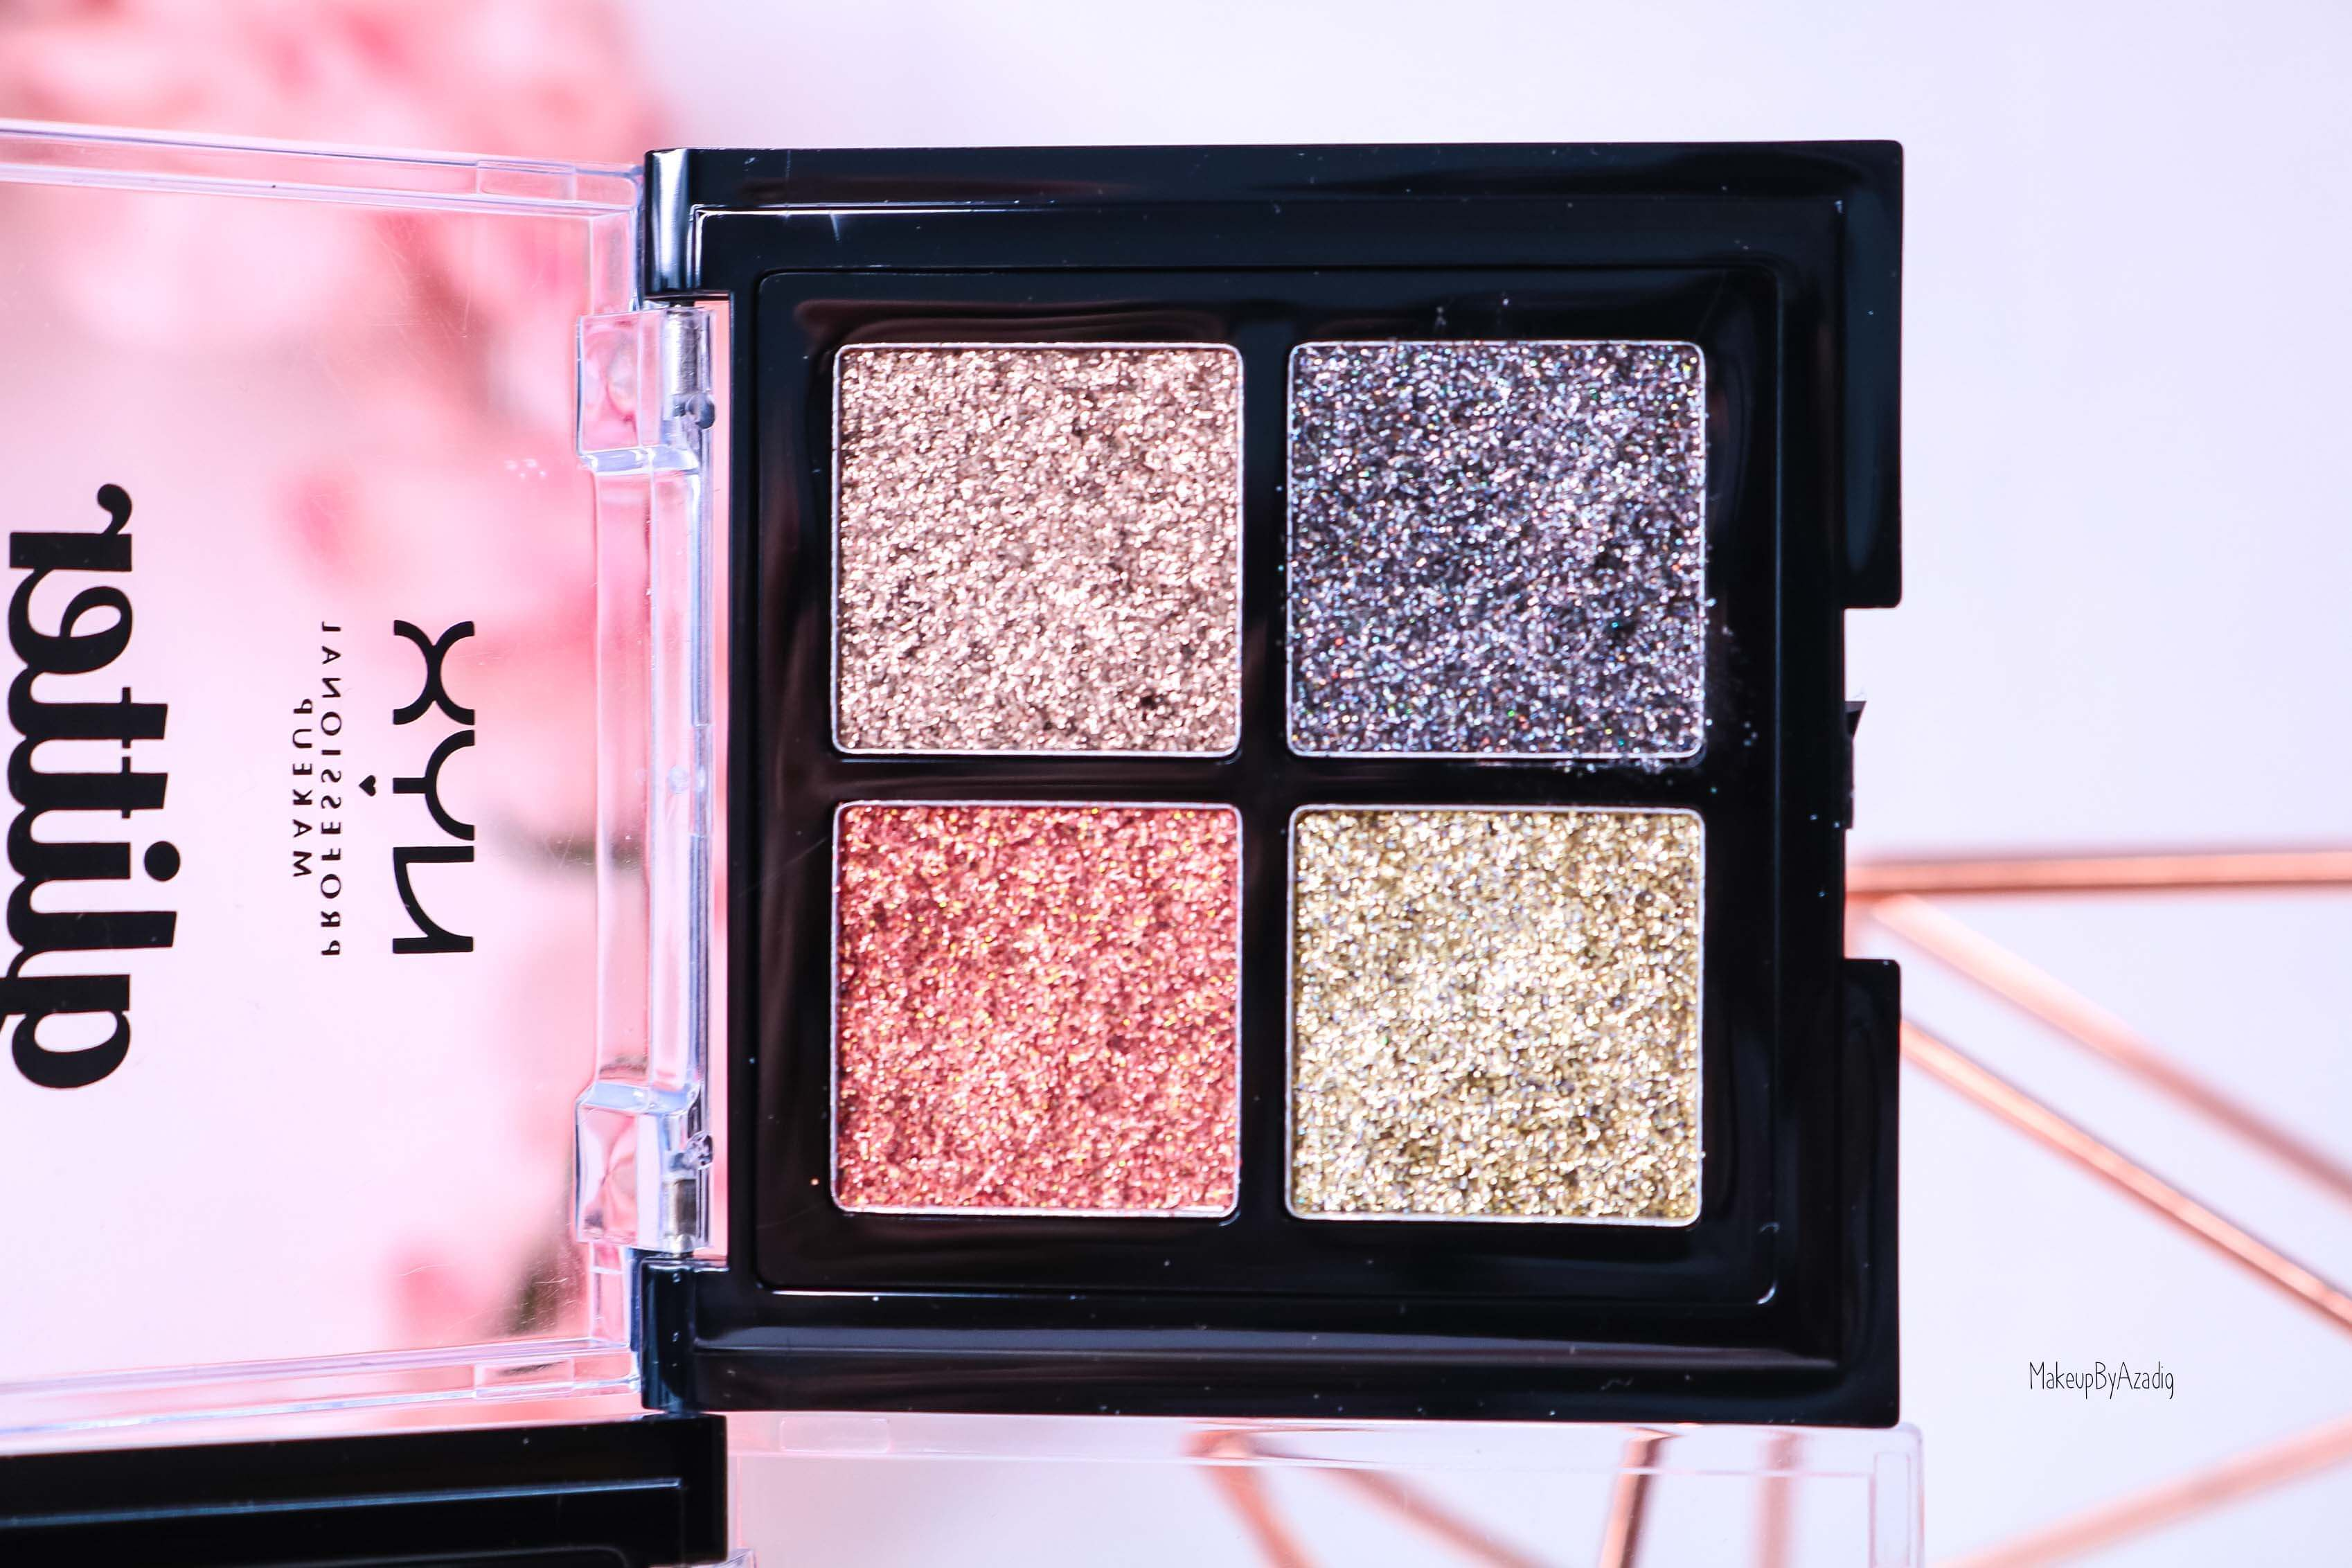 revue-palette-glitter-goals-nyx-professional-makeup-festival-coachella-avis-prix-paillette-makeupbyazadig-galactica-glacier-bronze